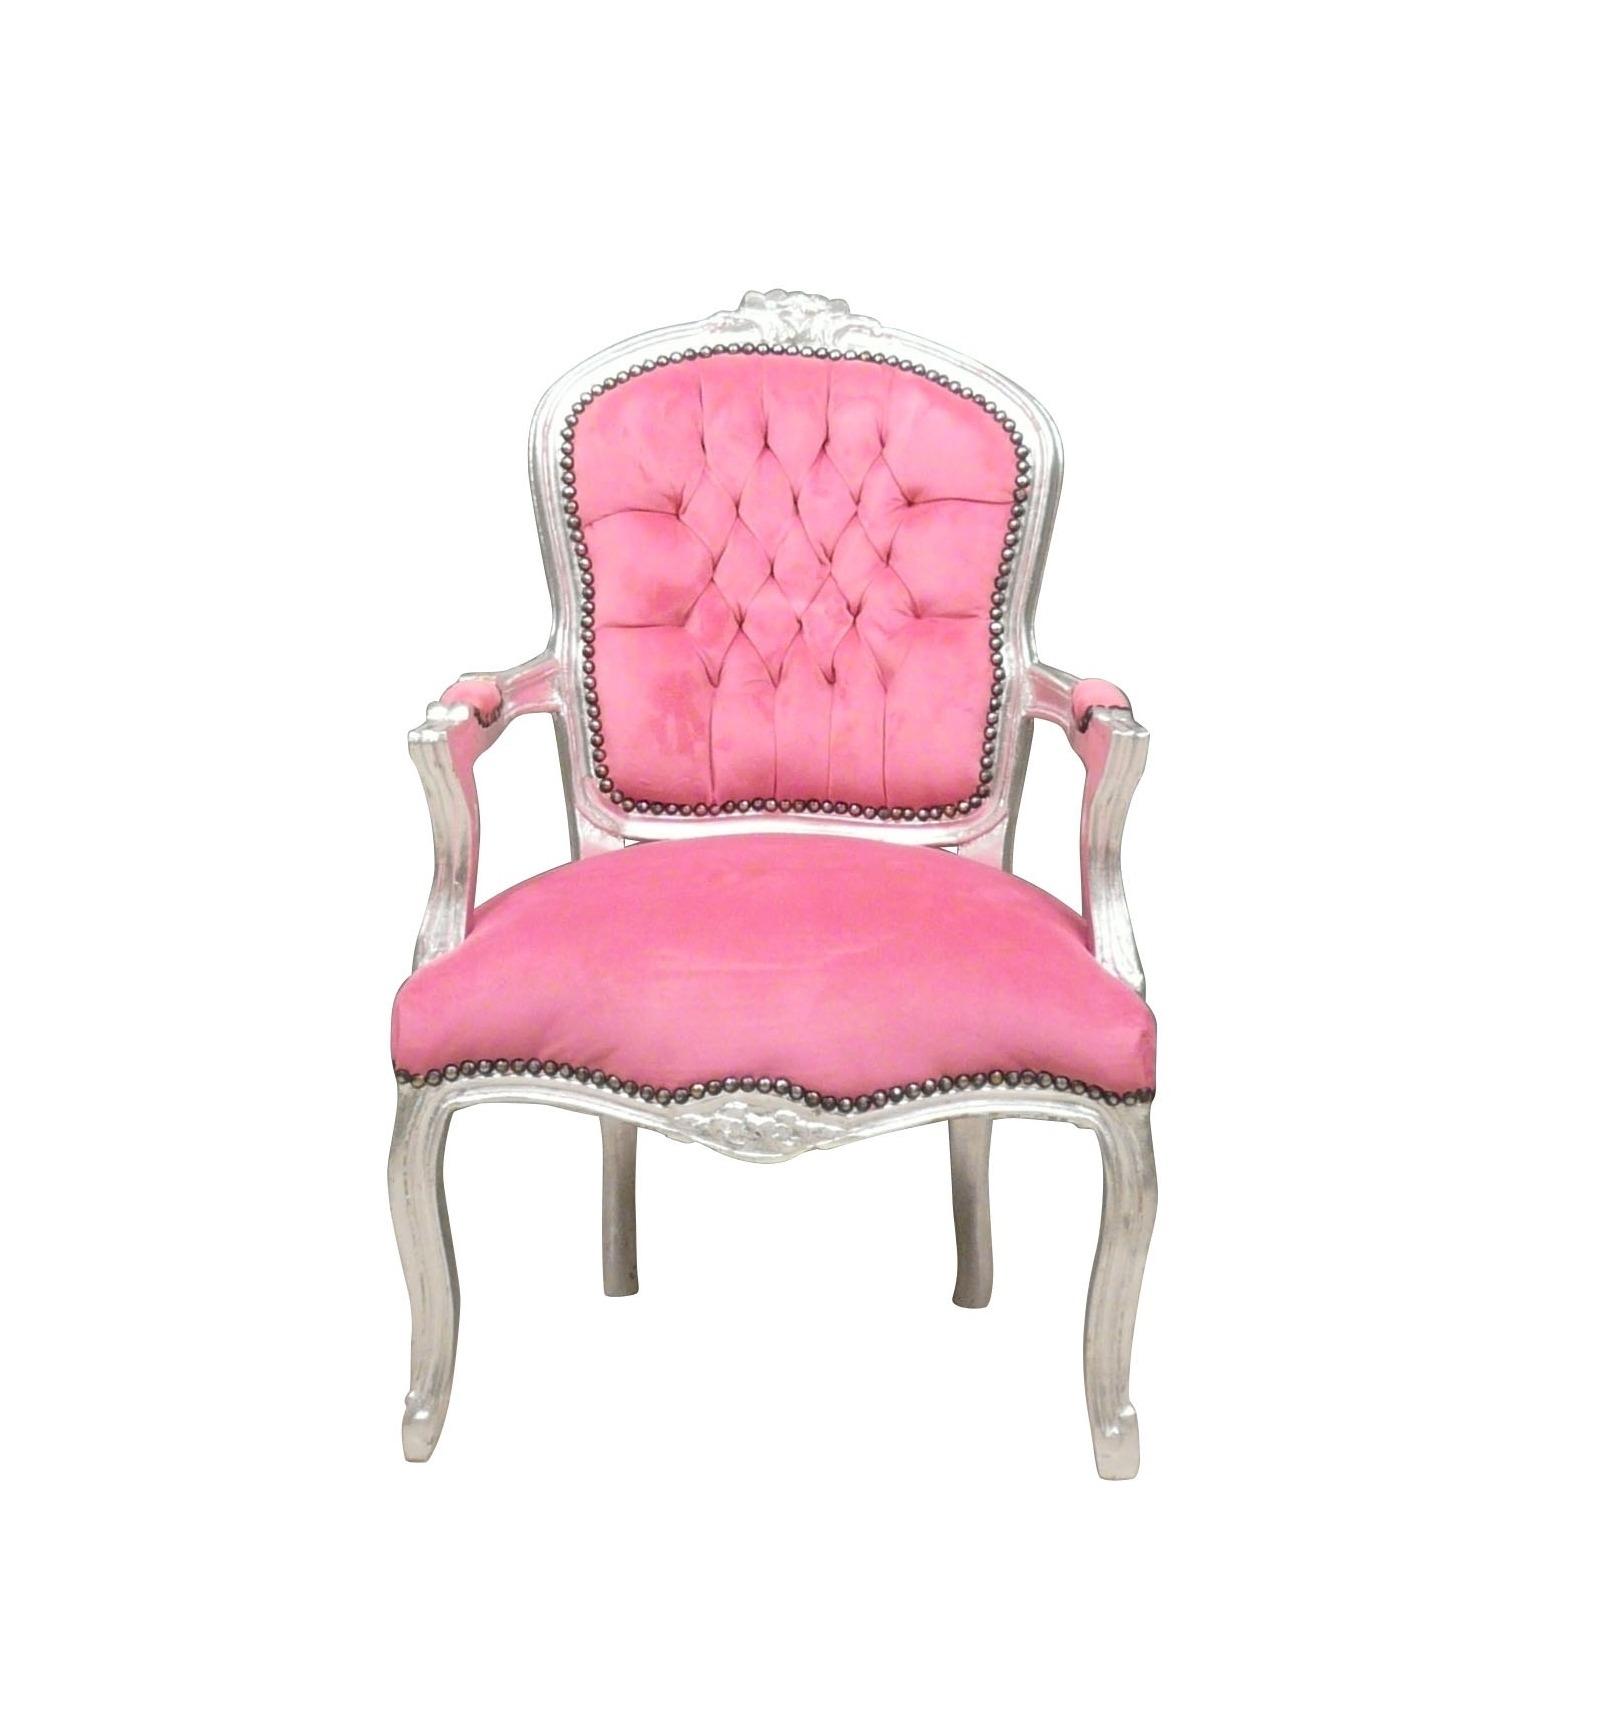 Sillón barroco - Comprar sillas y sillones de estilo rococó, el ...